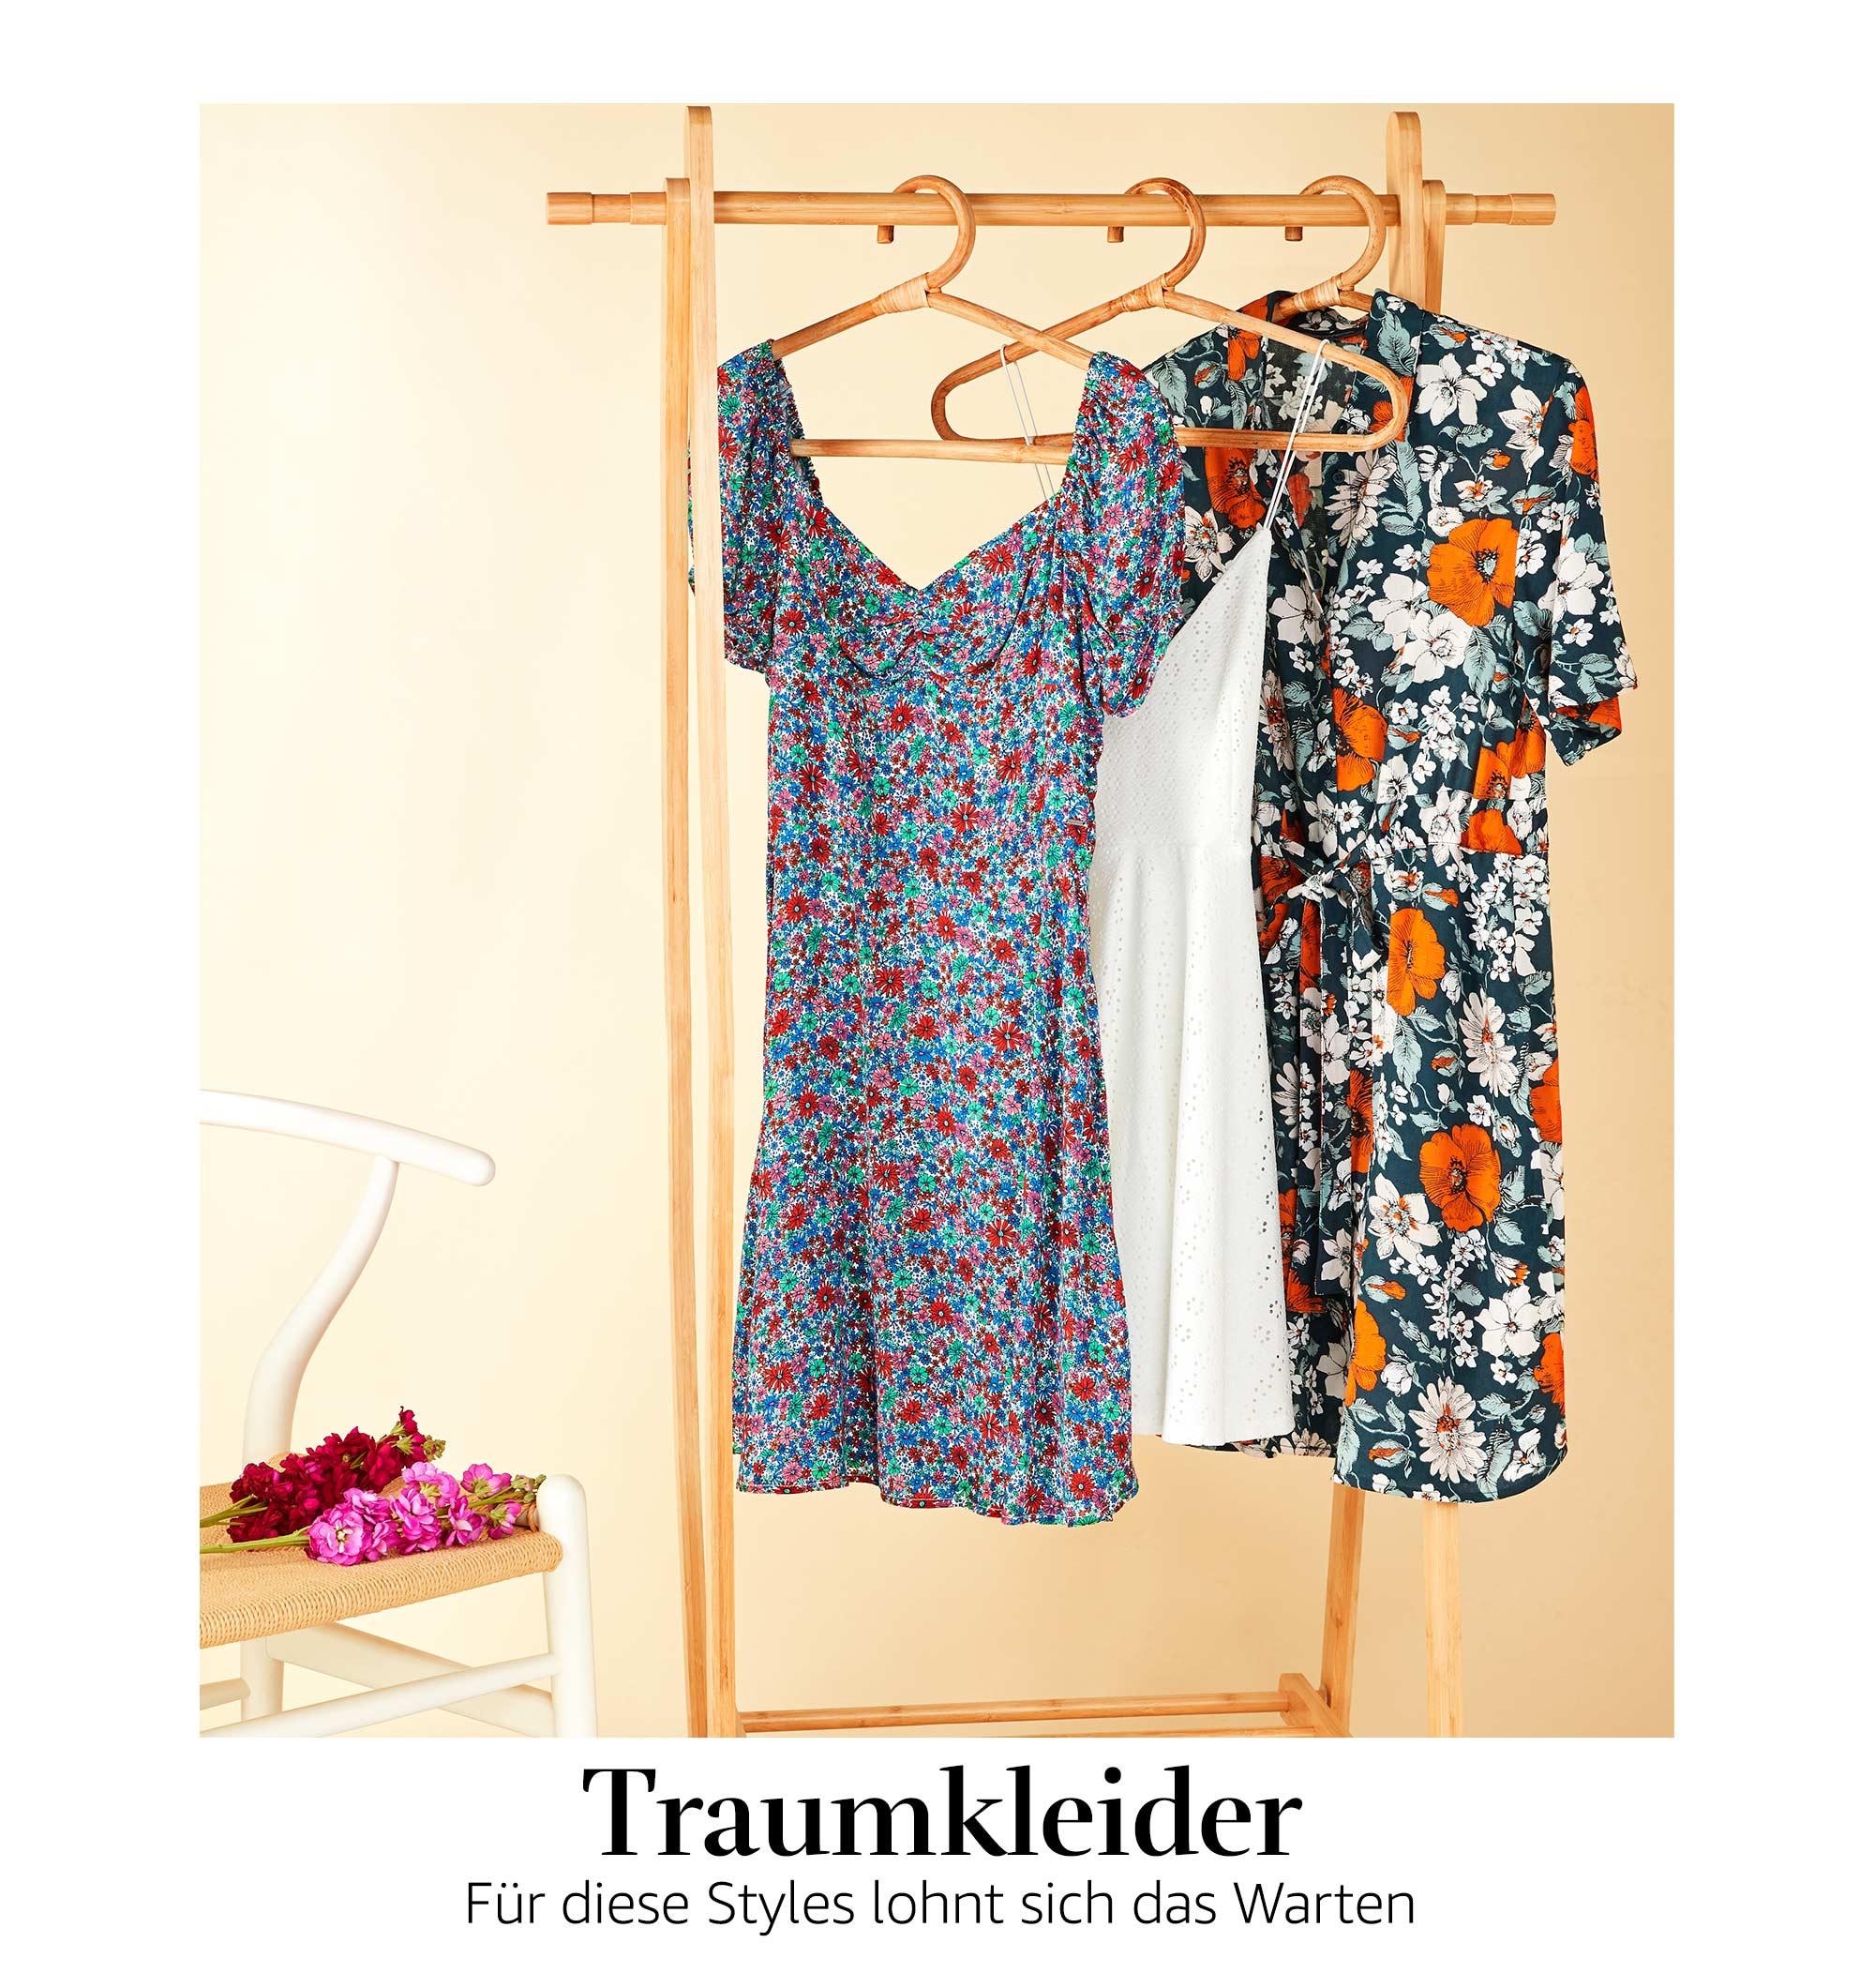 Traumkleider